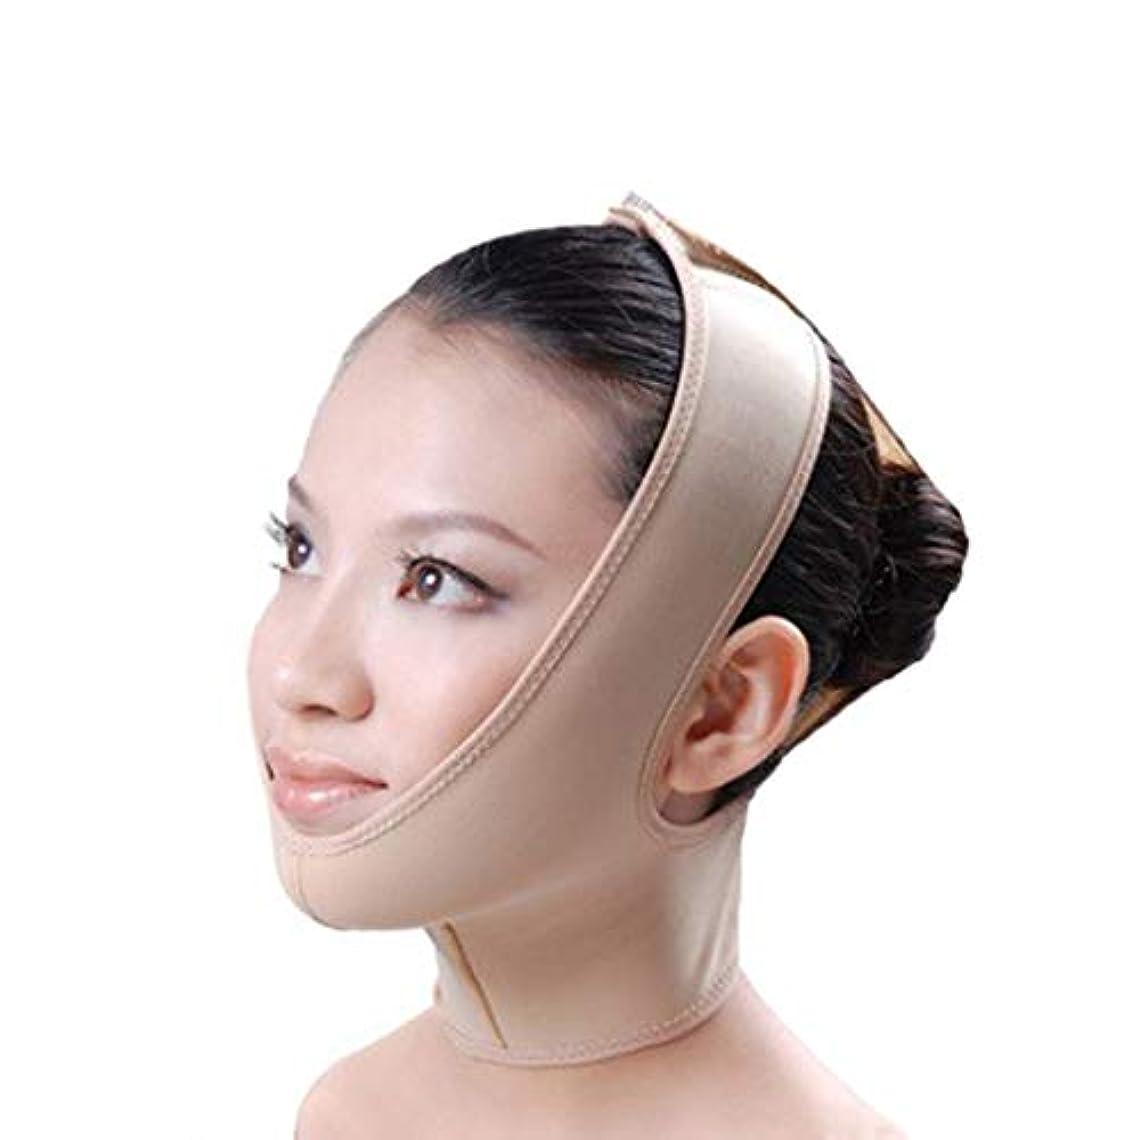 未知の凝視続編フェイススリム、リフティングマスク、包帯リフト、ダブルチン、ファーミングフェイシャルリフト、フェイシャル減量マスク、リフティングスキンバンデージ (Size : XL)